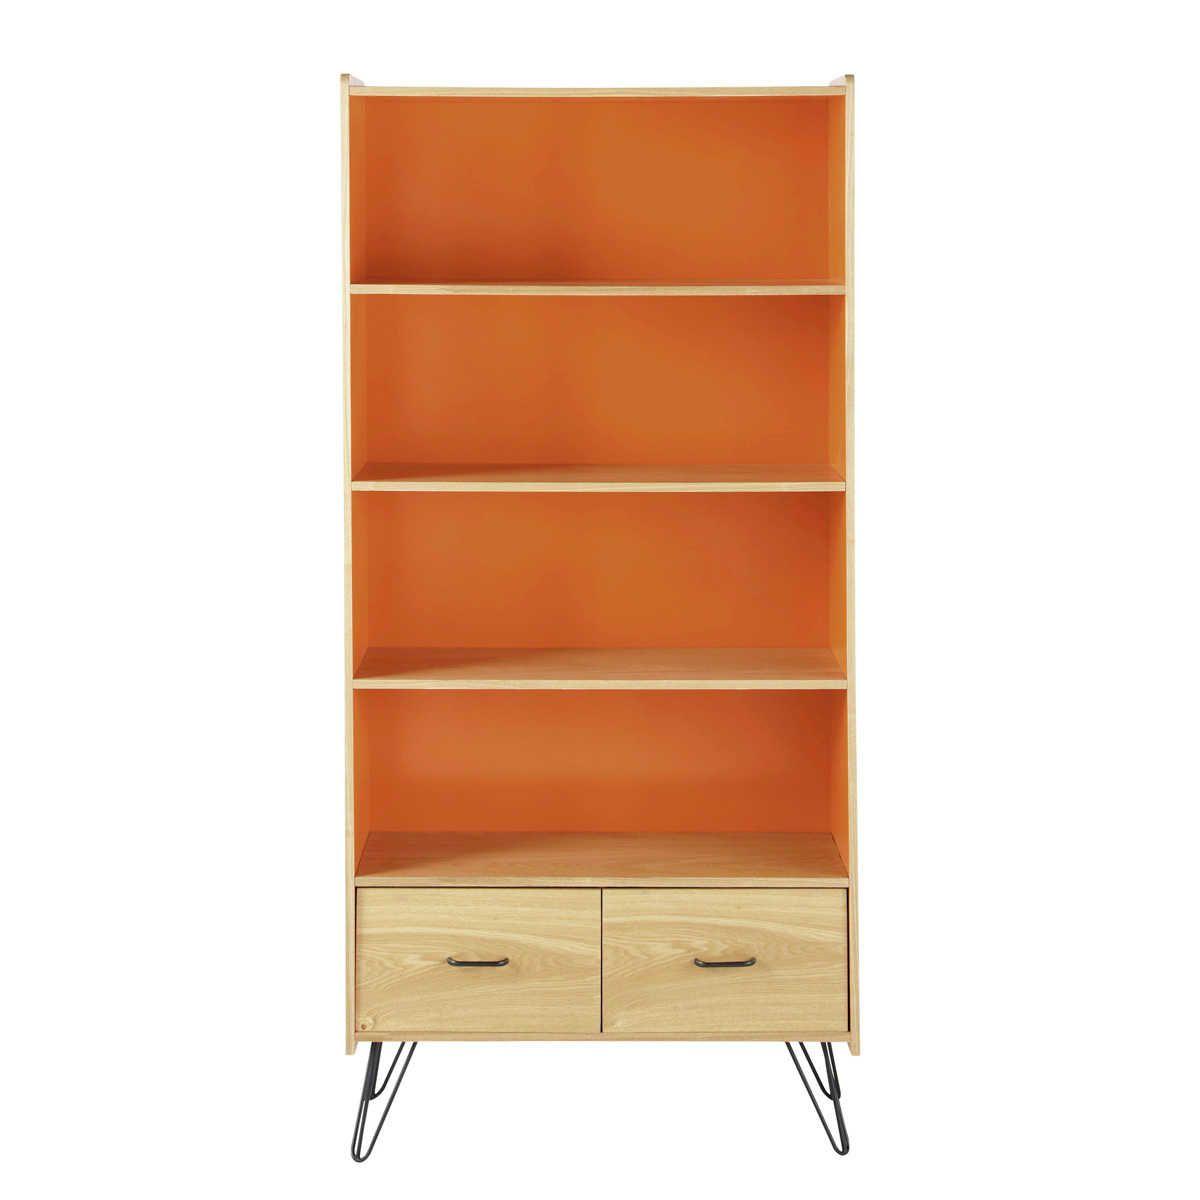 Bibliotheque Vintage 2 Tiroirs Orange Maisons Du Monde Meuble Rangement Mobilier De Salon Meuble Deco